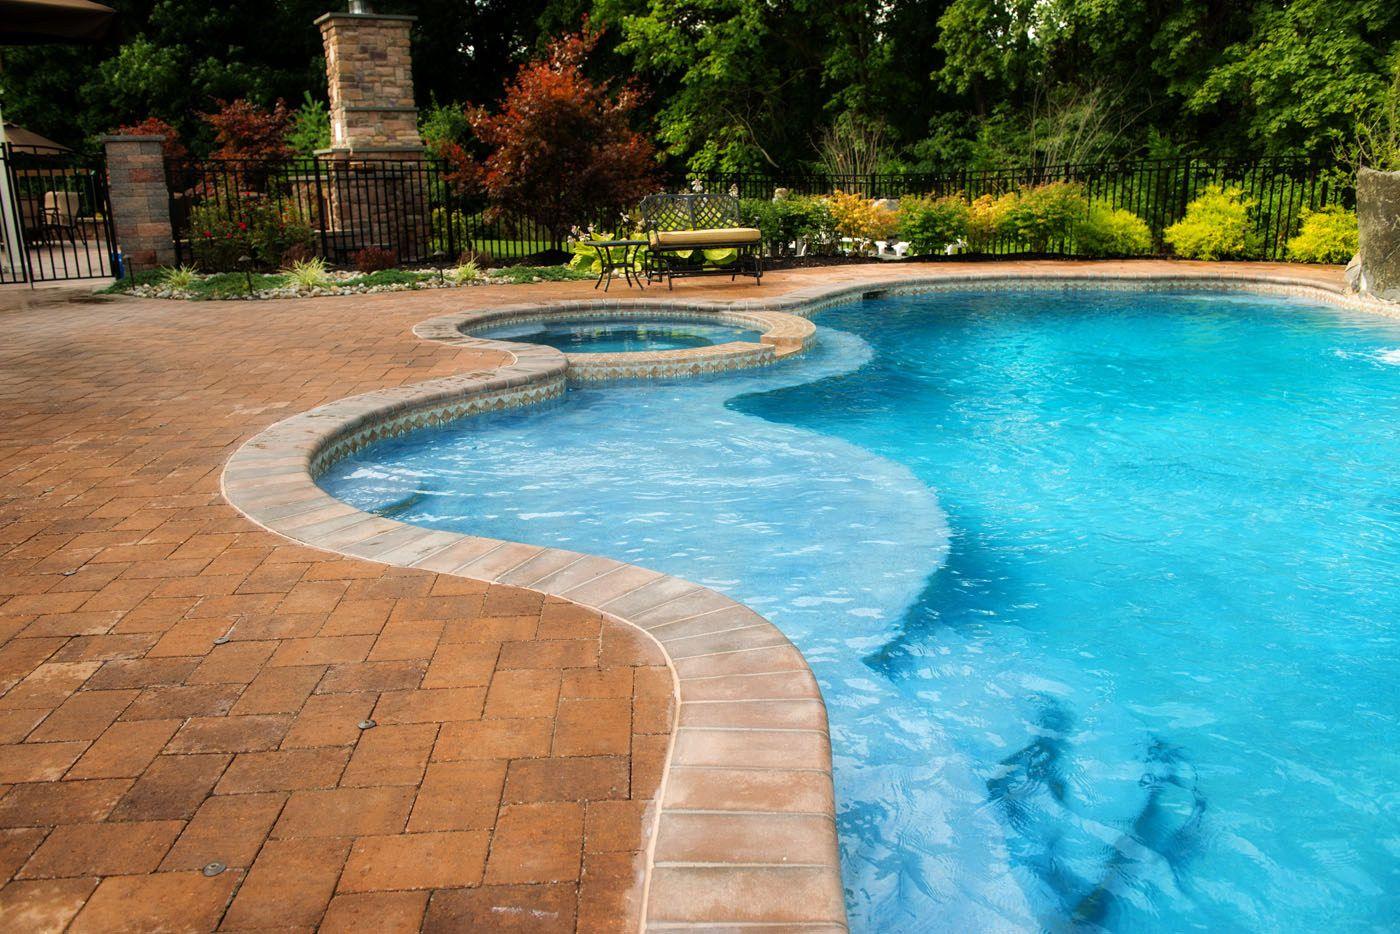 Concrete Freeform Pool with Raised Spa | Dream Home: Pools ...